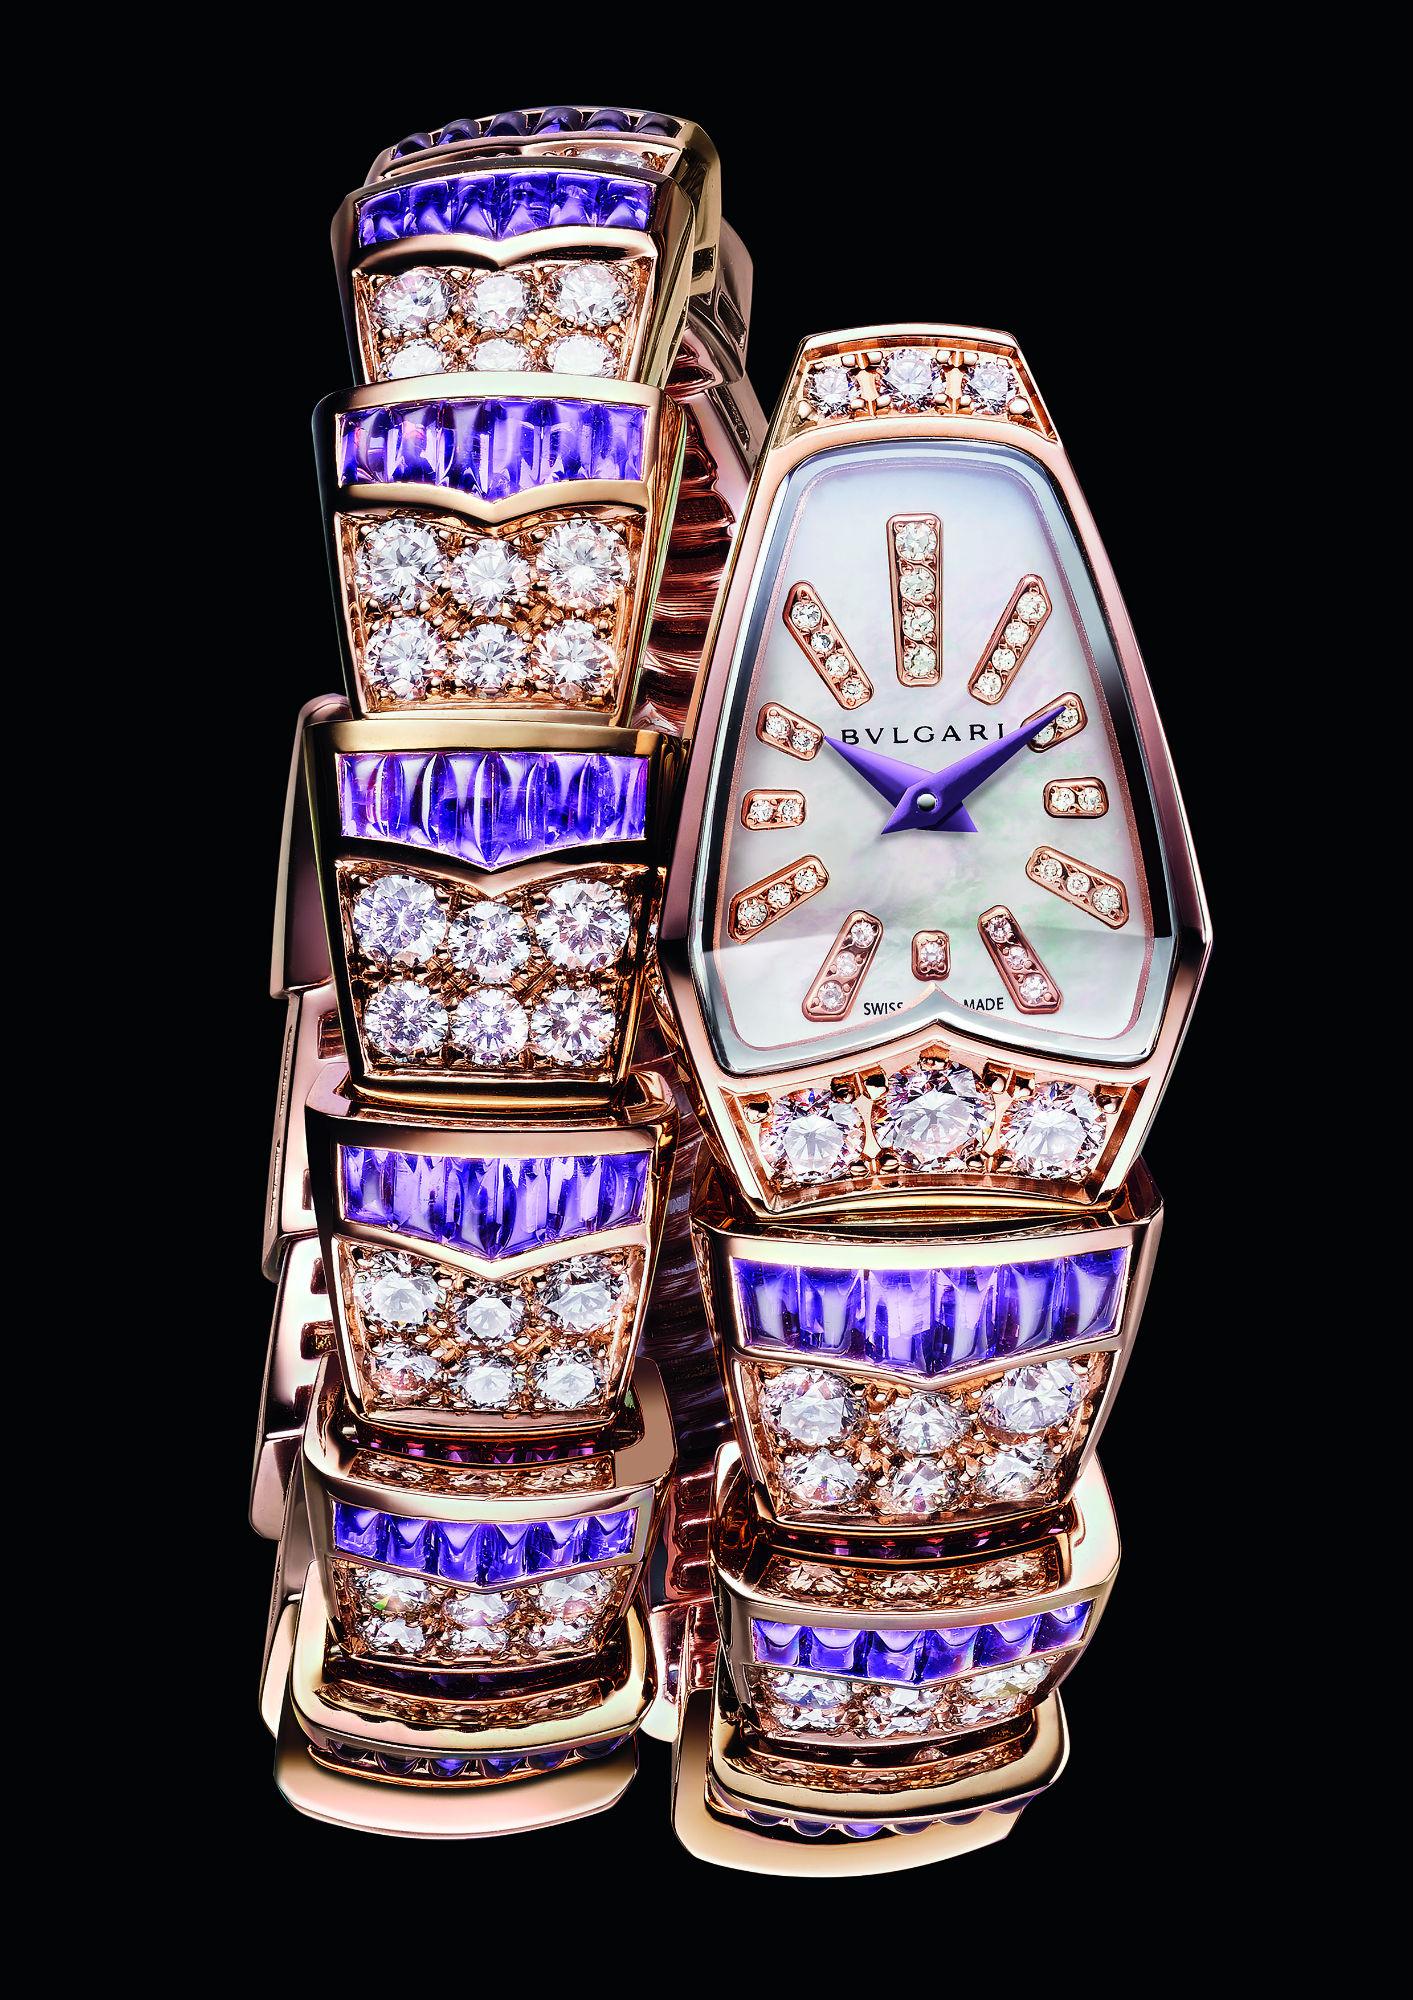 The new Bvlgari Serpenti designs are available at The Dubai Mall